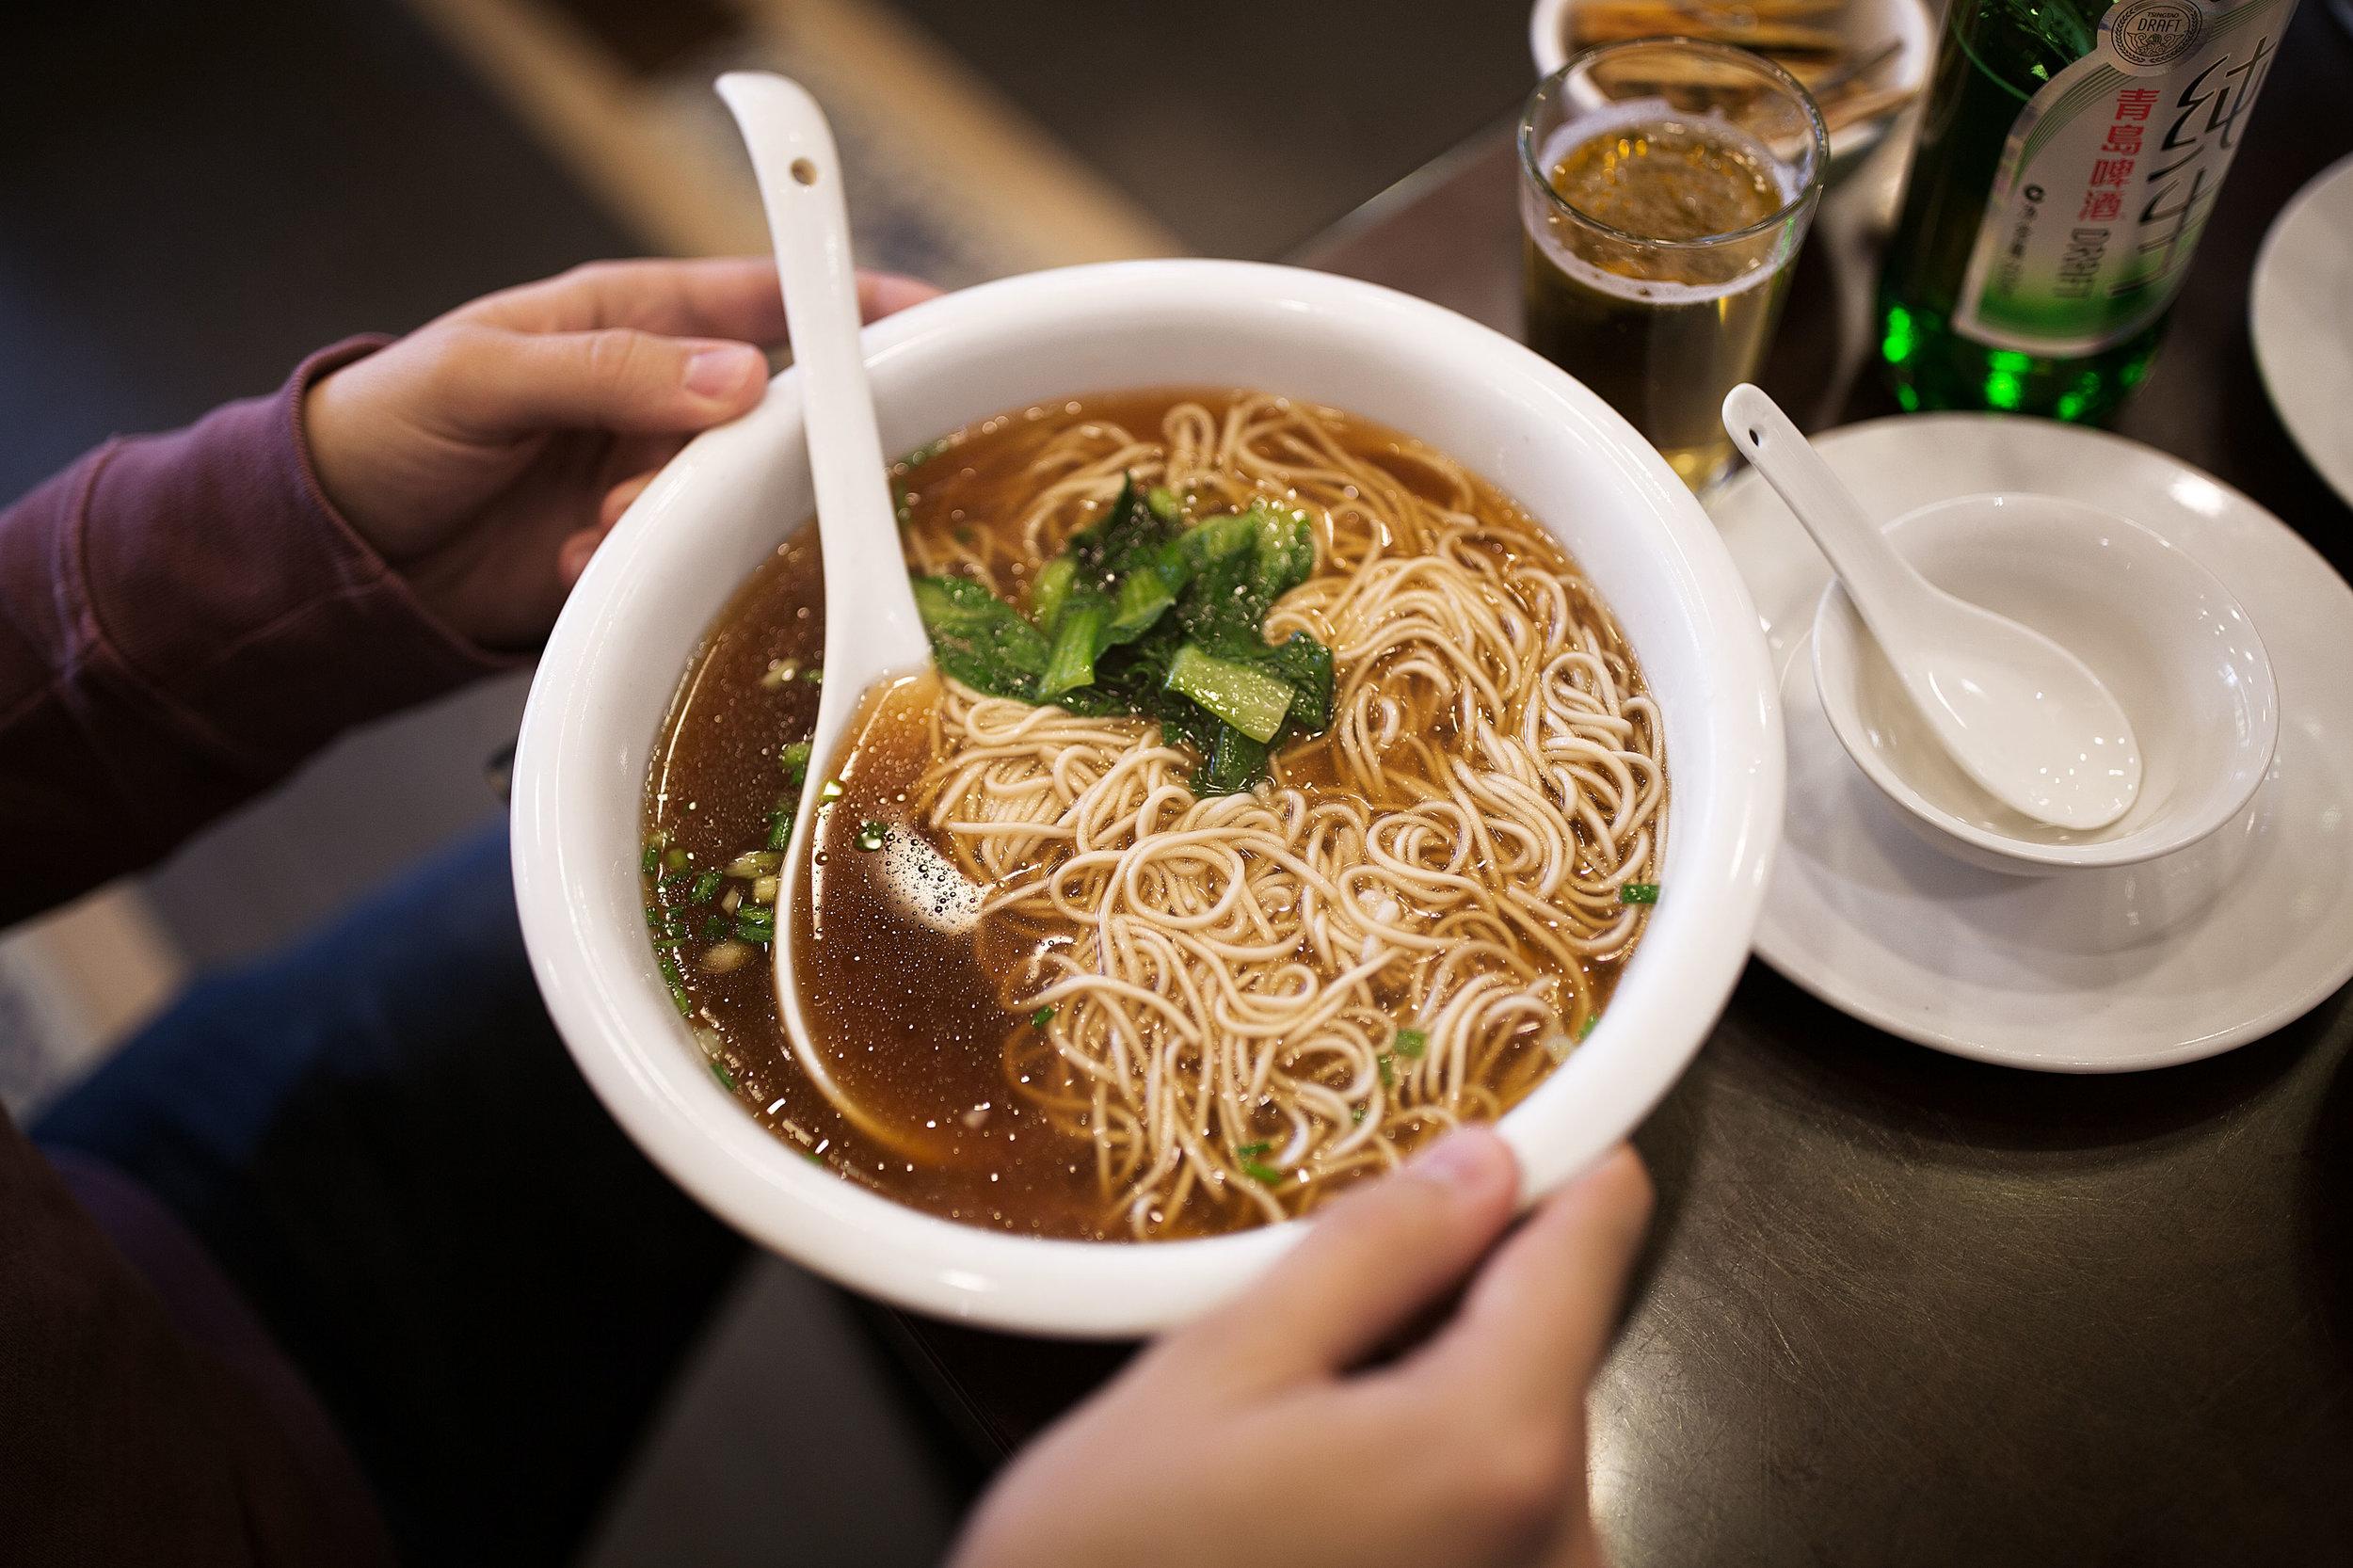 de xin guan lifelong noodles